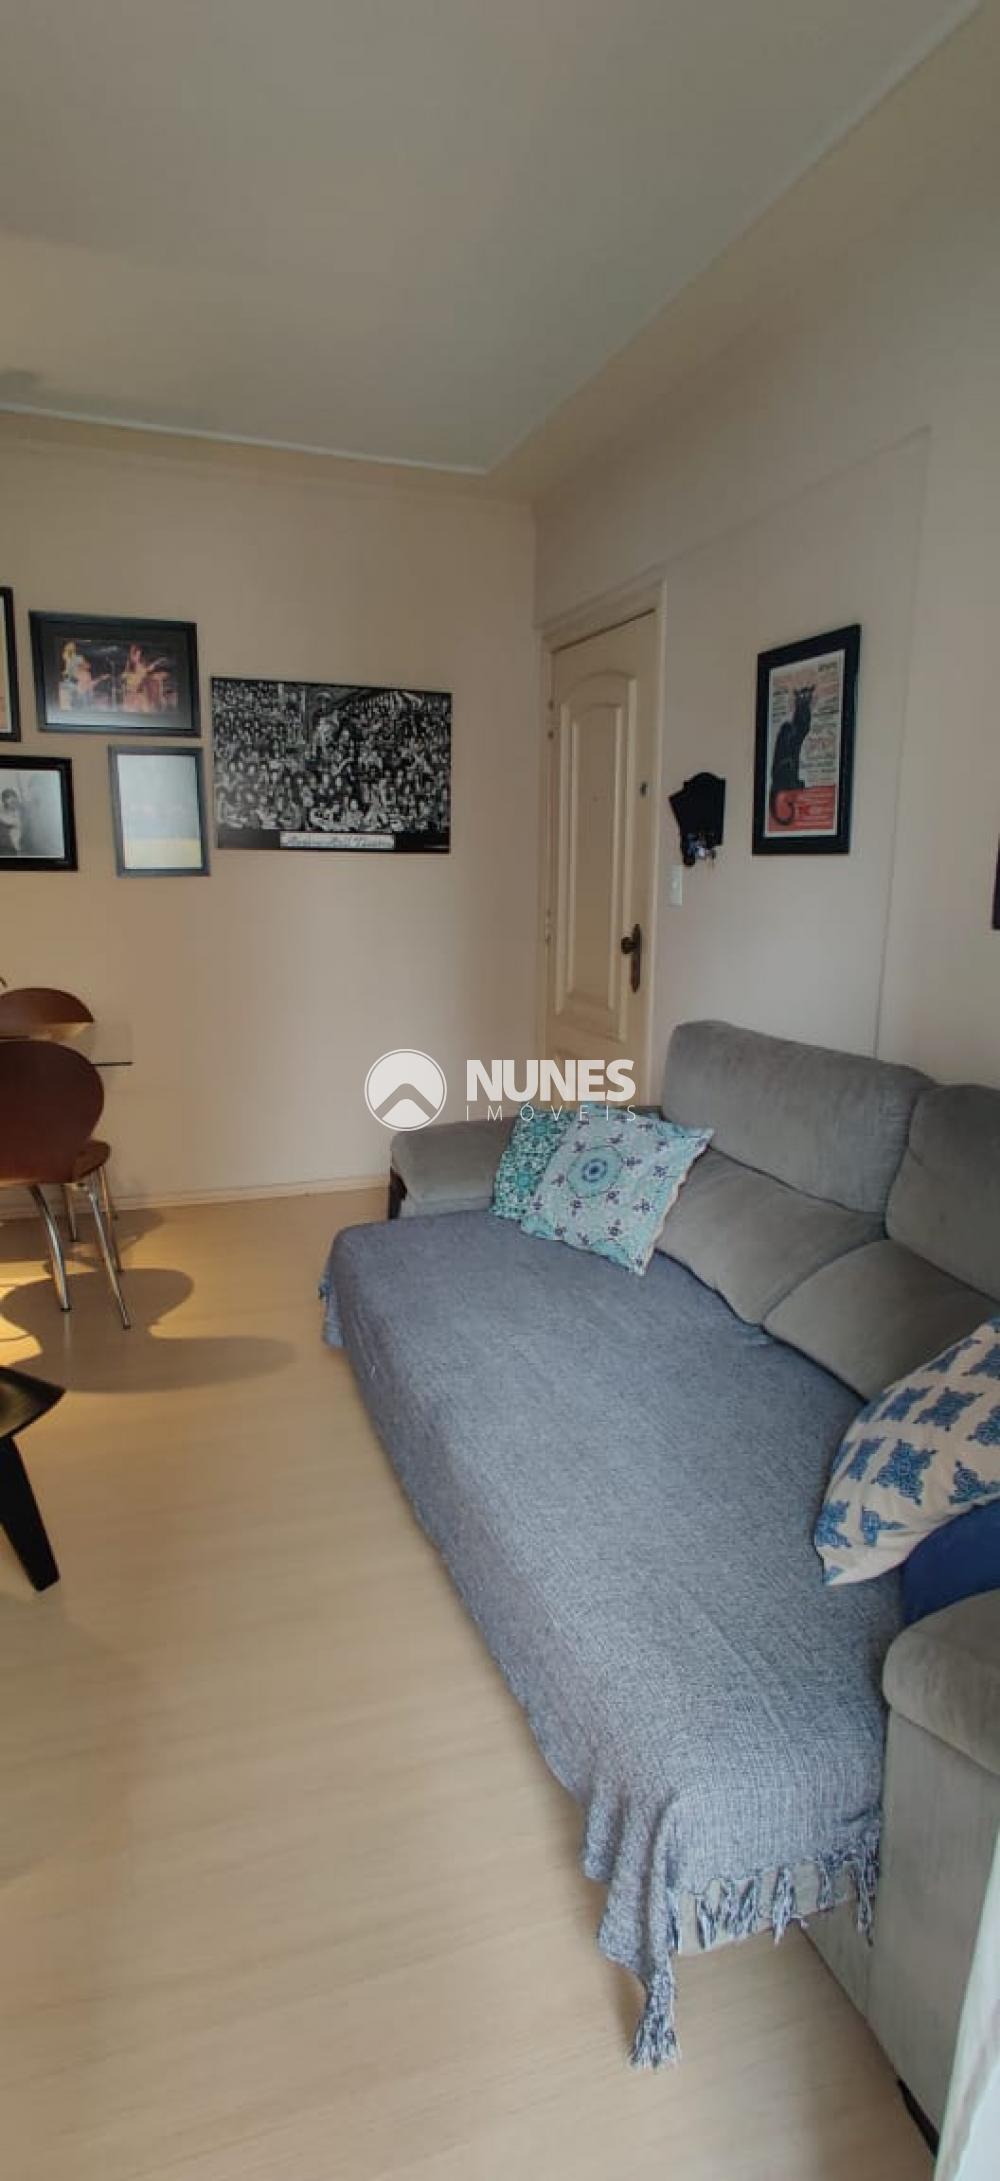 Comprar Apartamento / Padrão em Osasco apenas R$ 265.000,00 - Foto 4